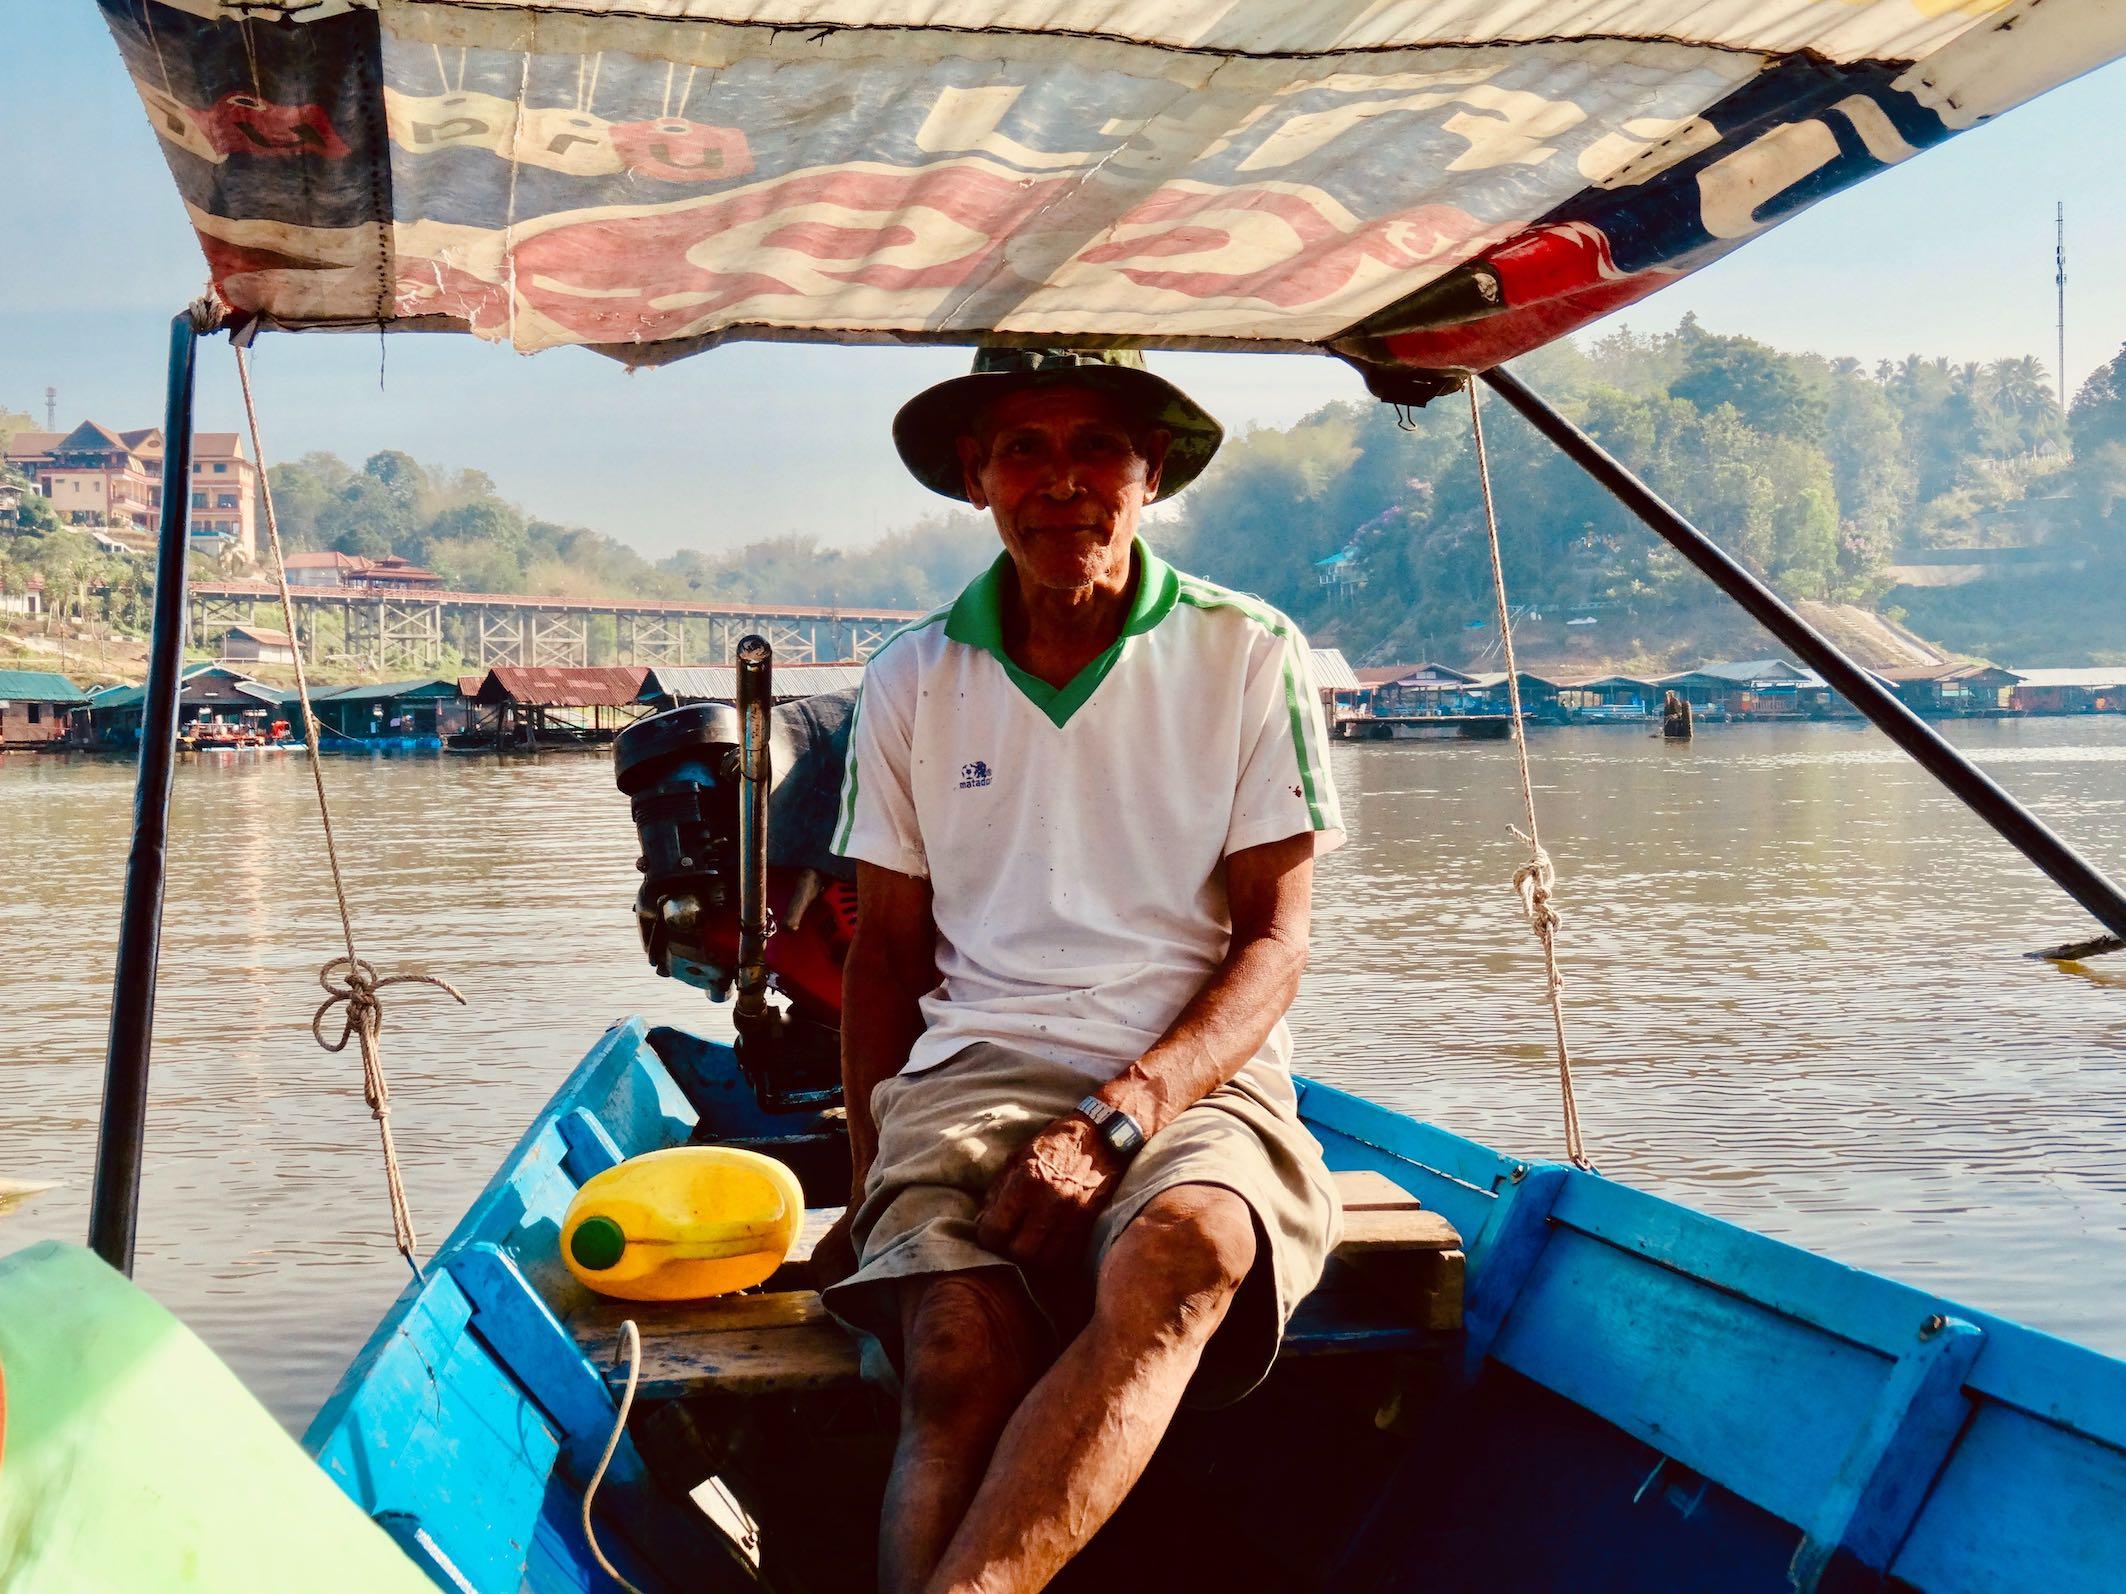 Boat cruise Sangkhlaburi Thailand.